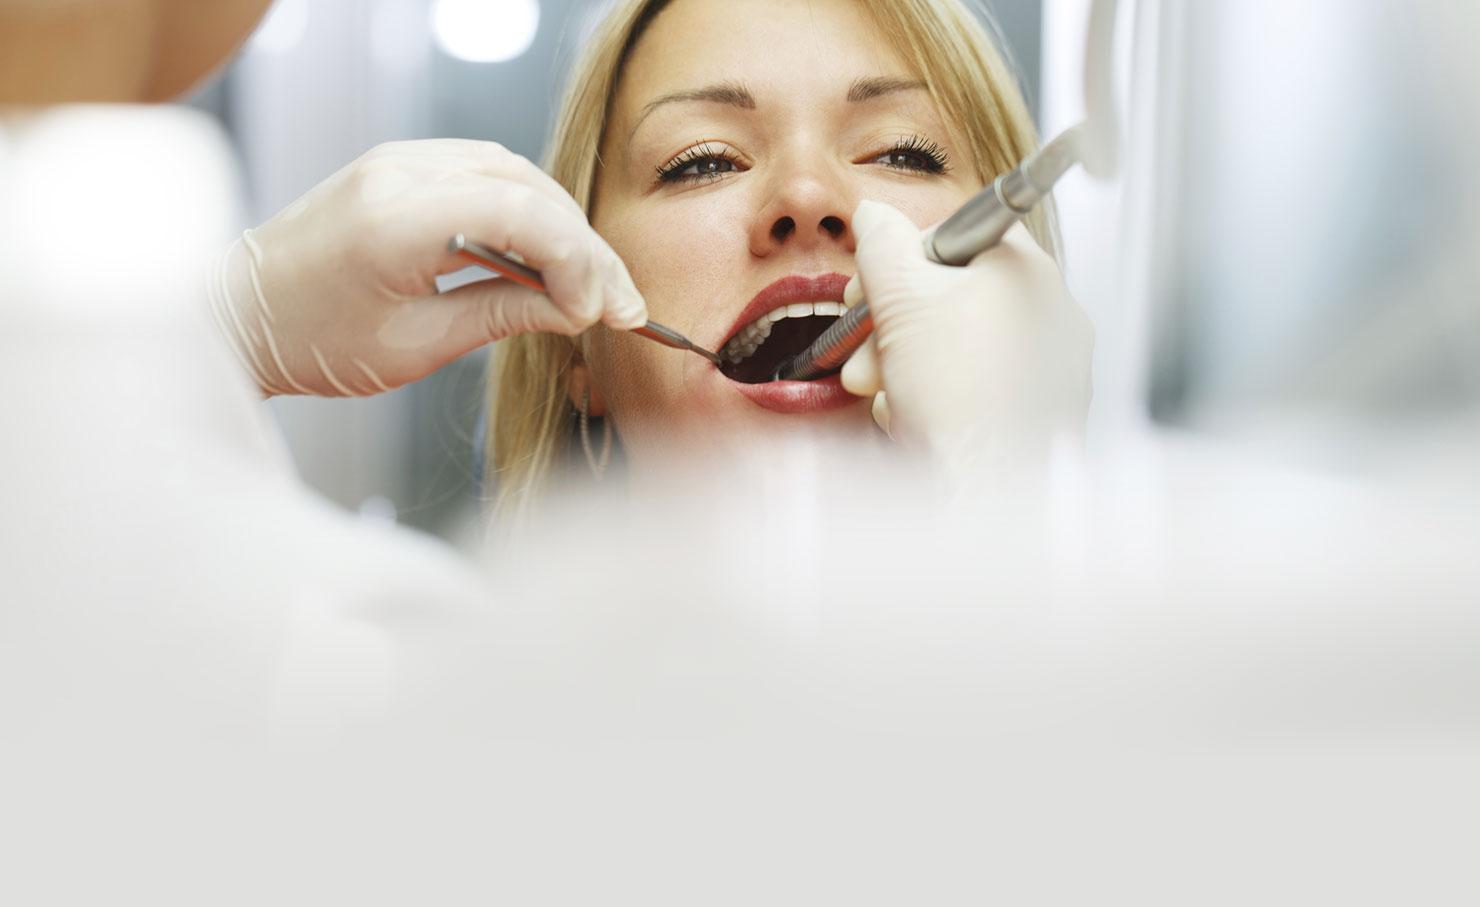 nerve injury dental claim